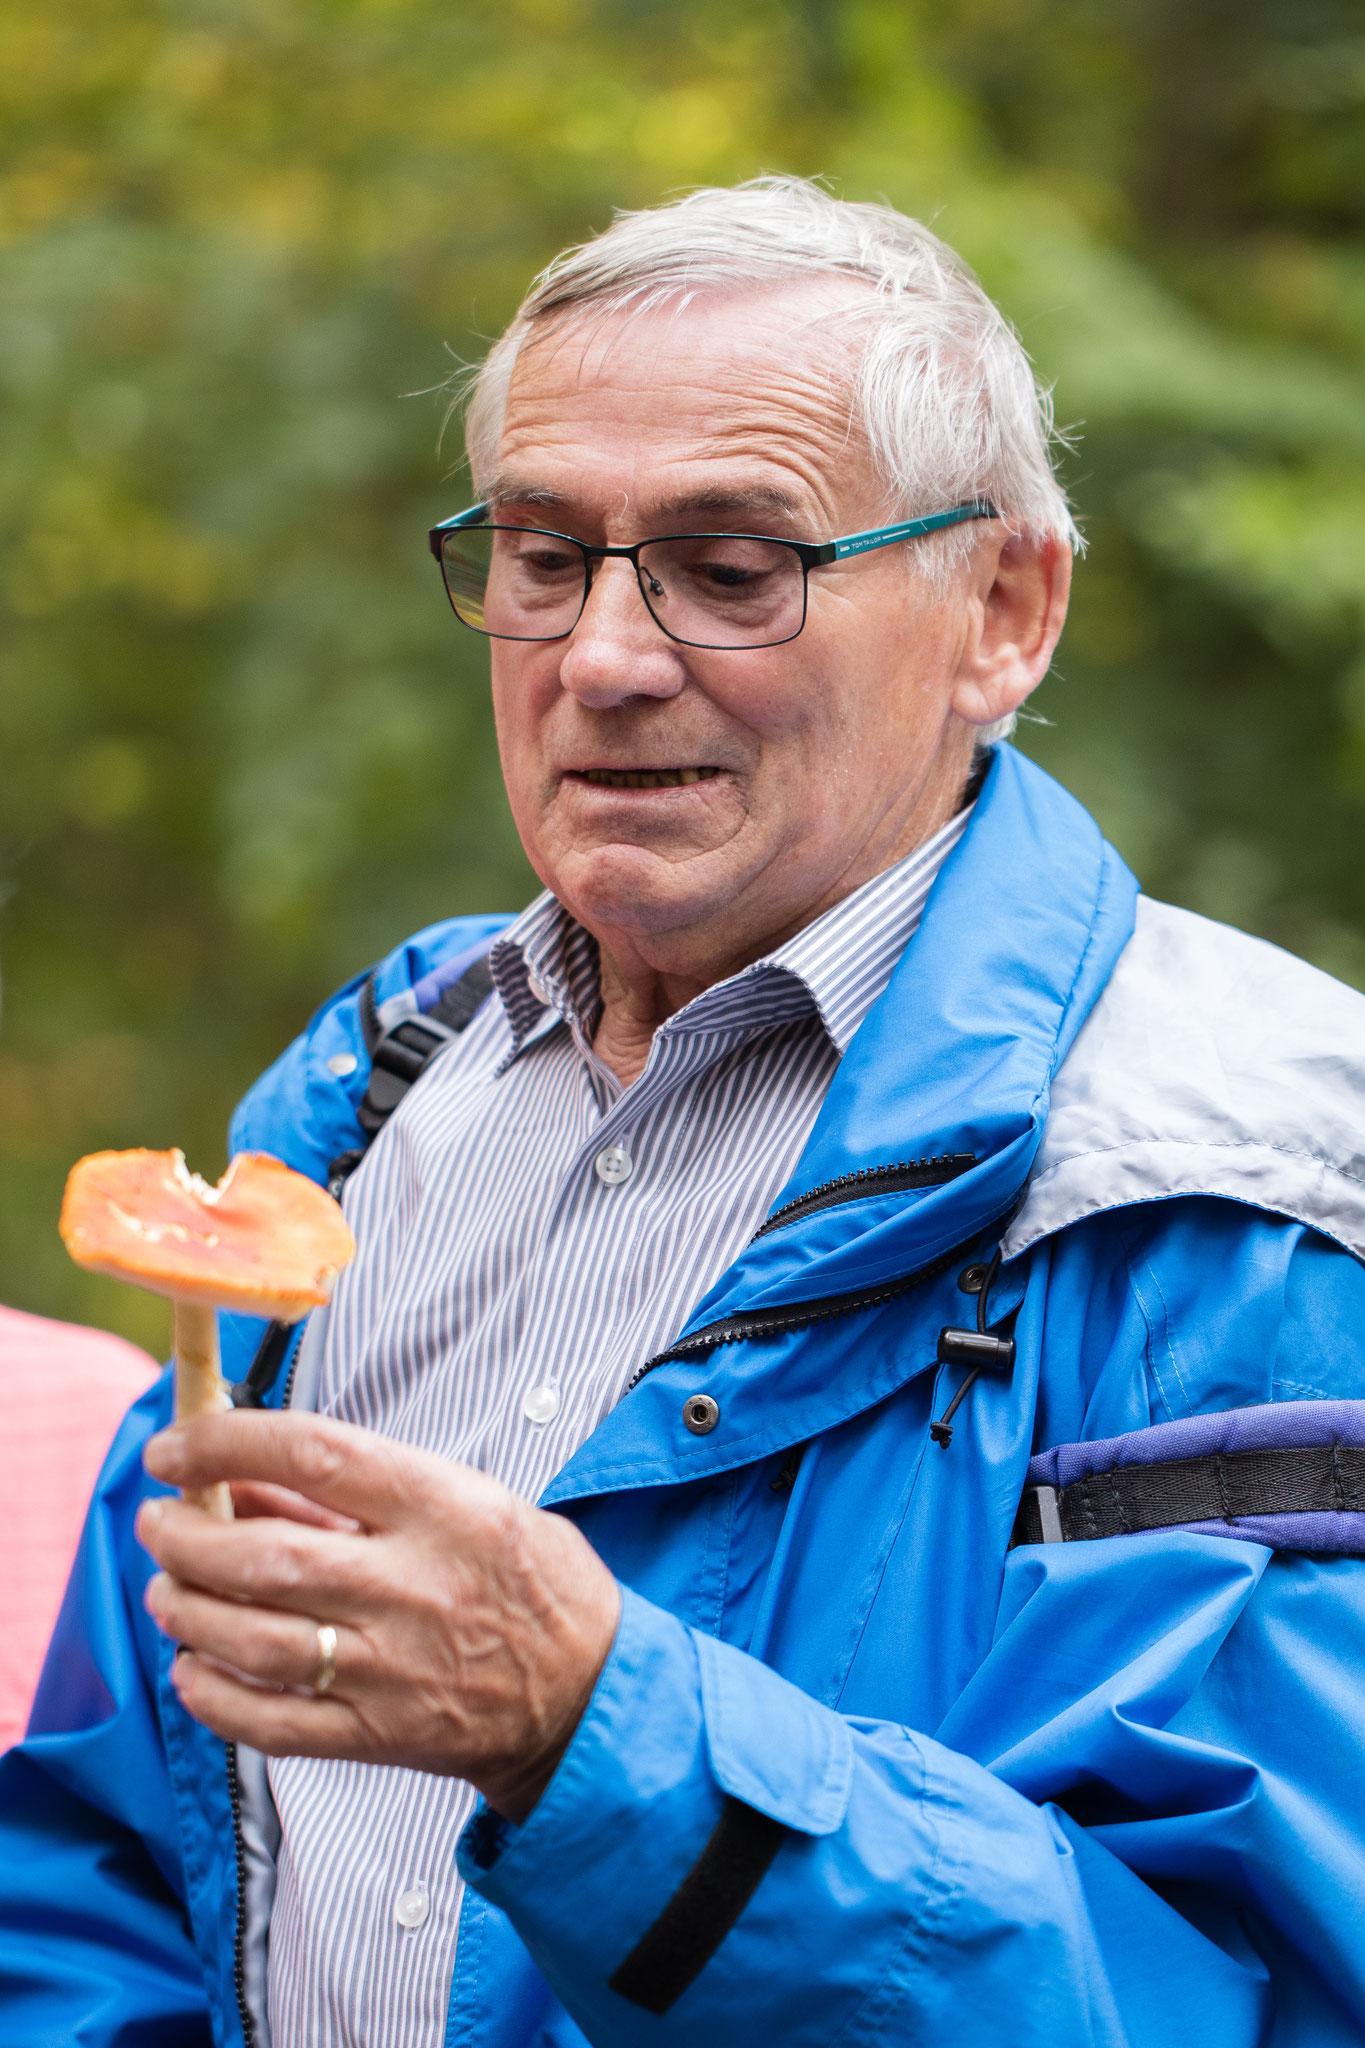 Manfred Schröder bei der Pilzbesprechung (Foto: Andreas Sebald)